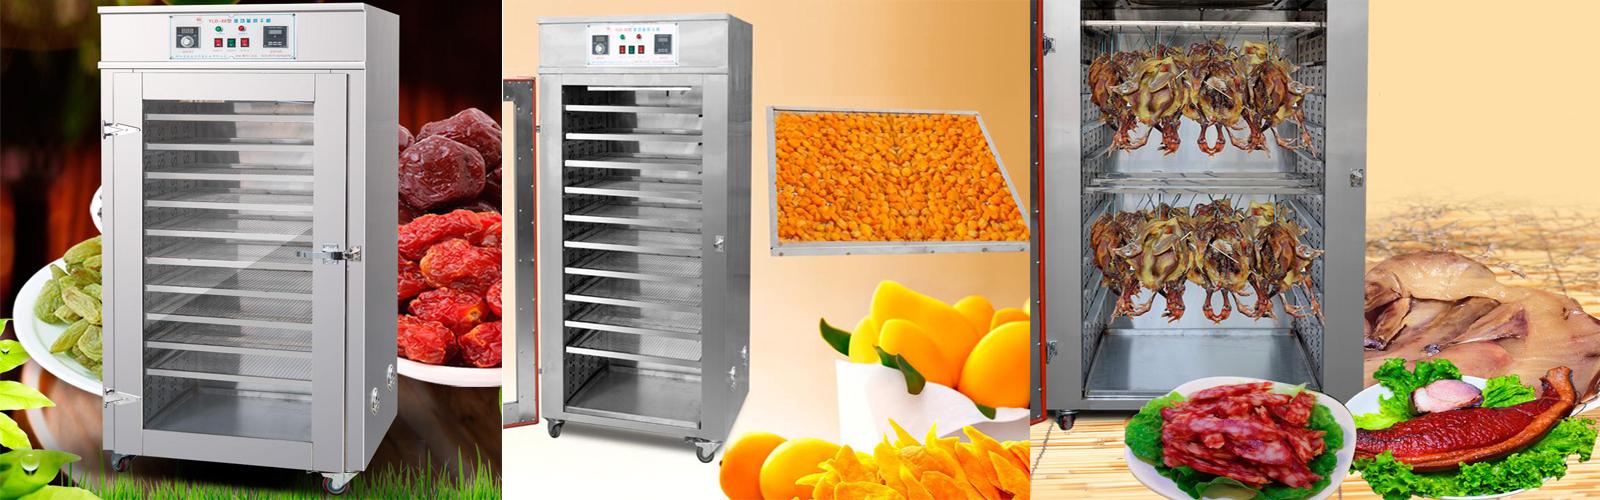 Suszarnie do warzyw i owoców